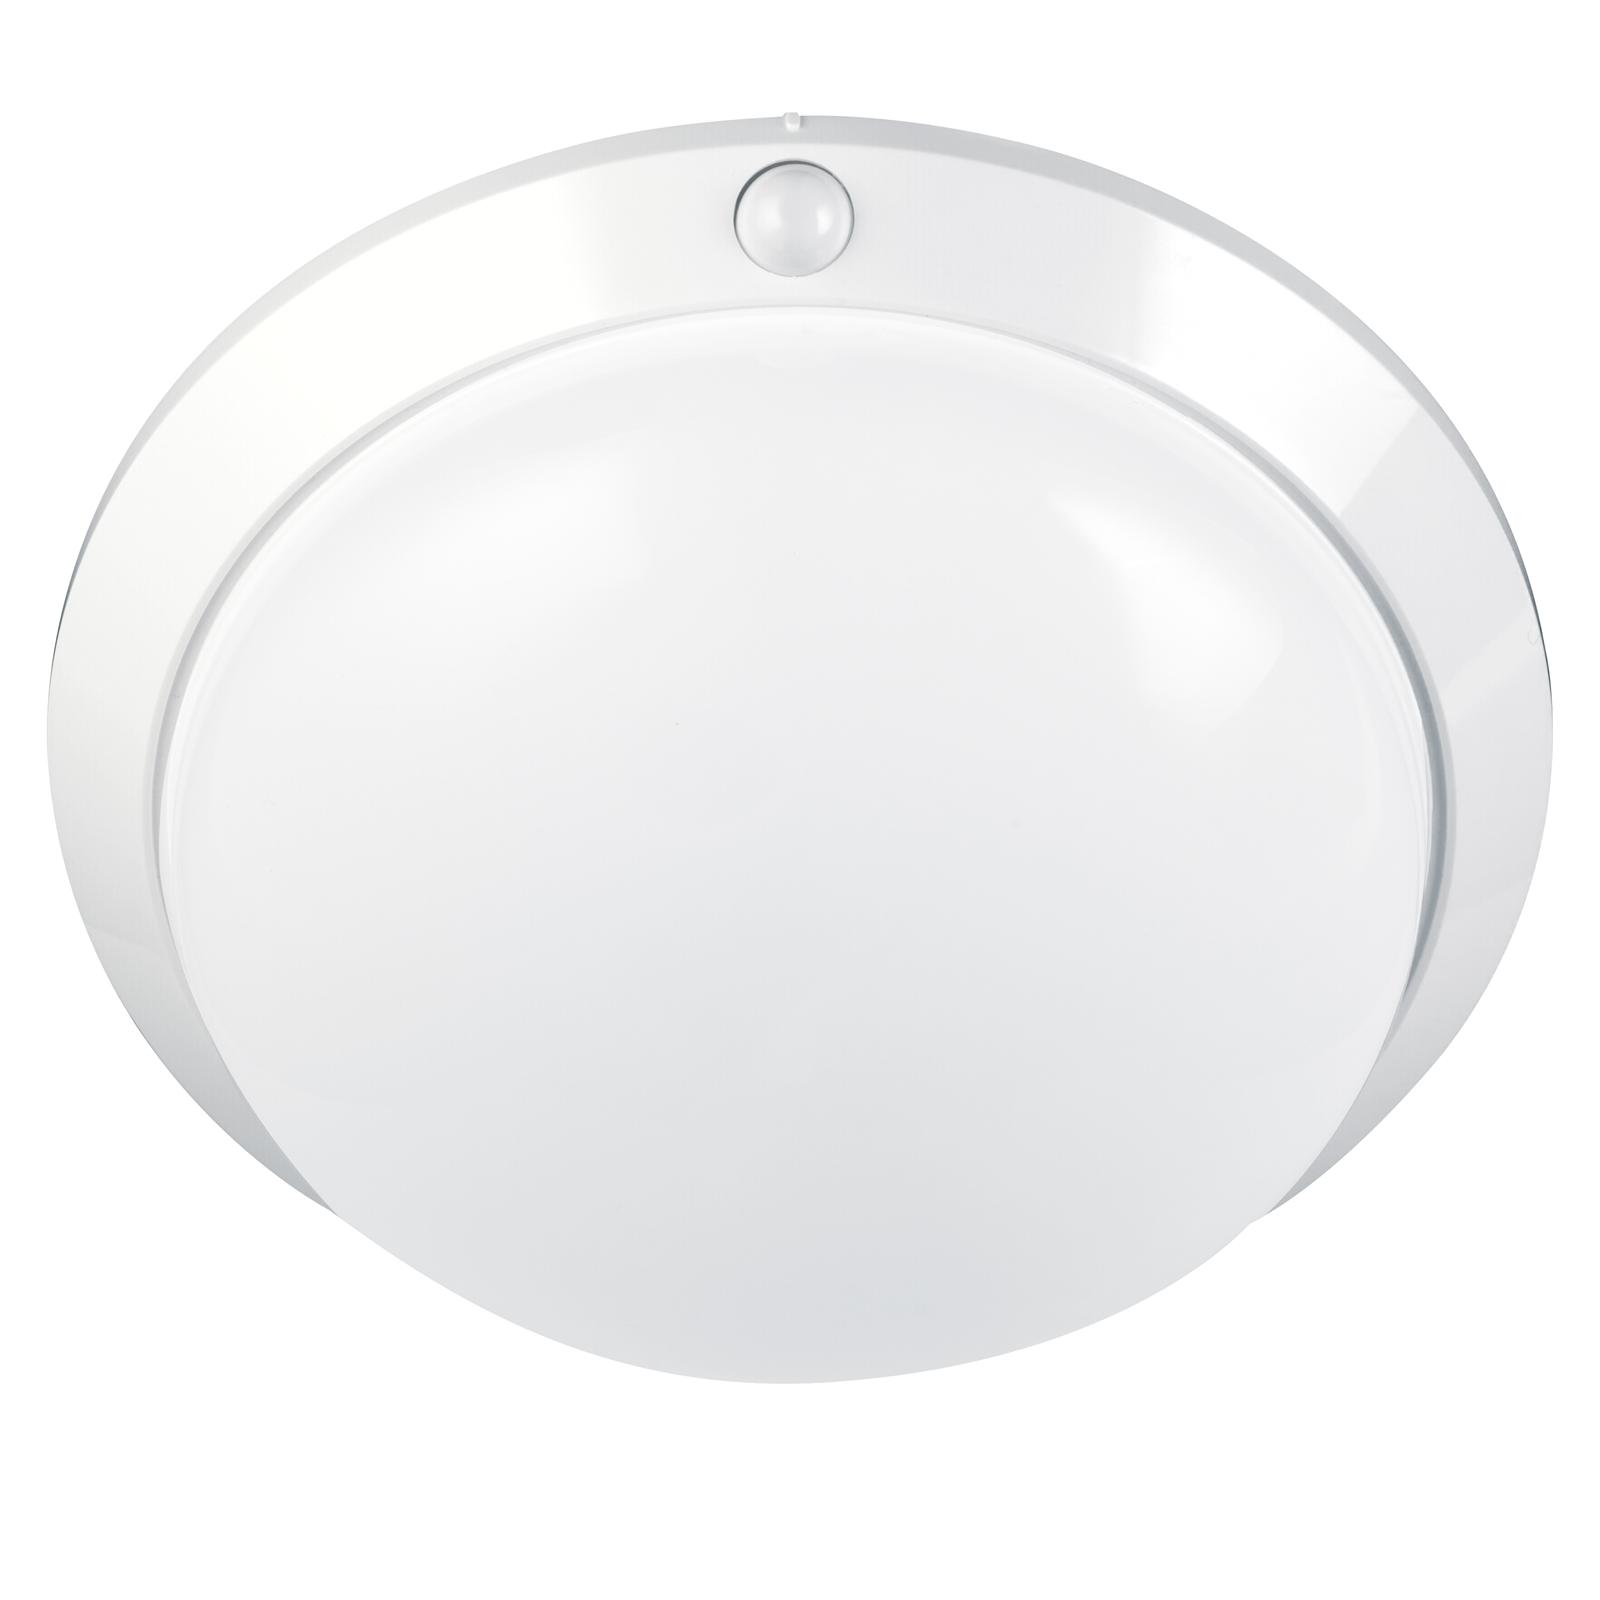 Arlec D.I.Y. Oyster Sensor Light